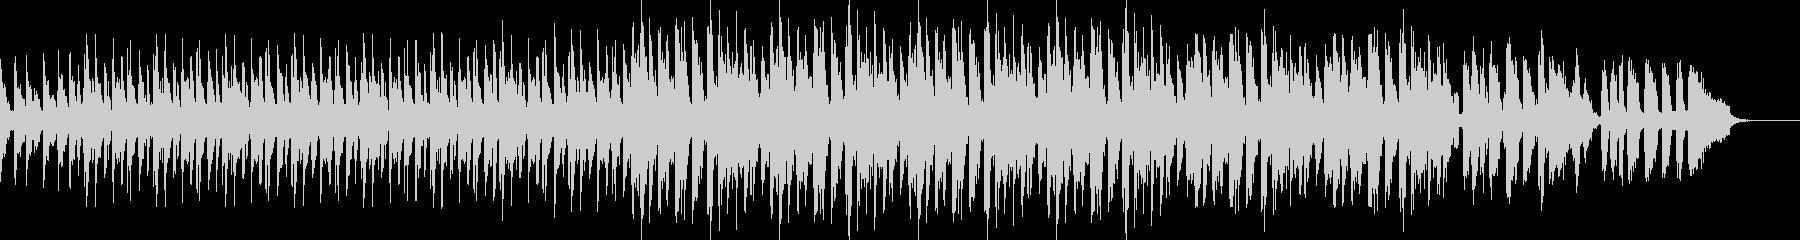 ハイテンポスウィングベース抜きverの未再生の波形